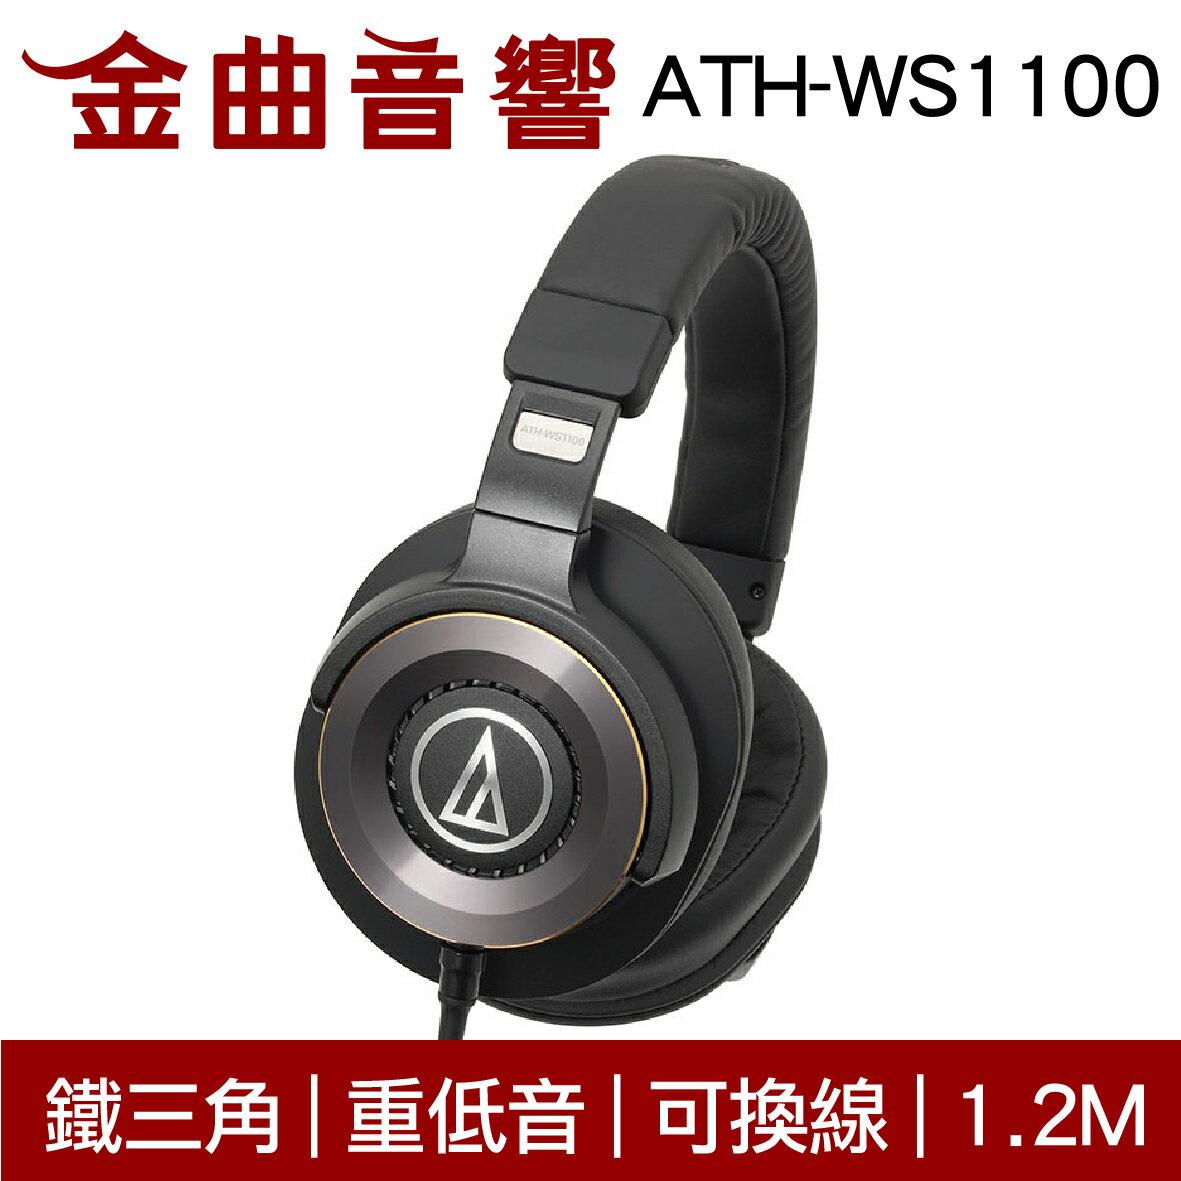 鐵三角 ATH-WS1100 SOLID BASS HiRes 可換線 重低音 耳罩式耳機 | 金曲音響